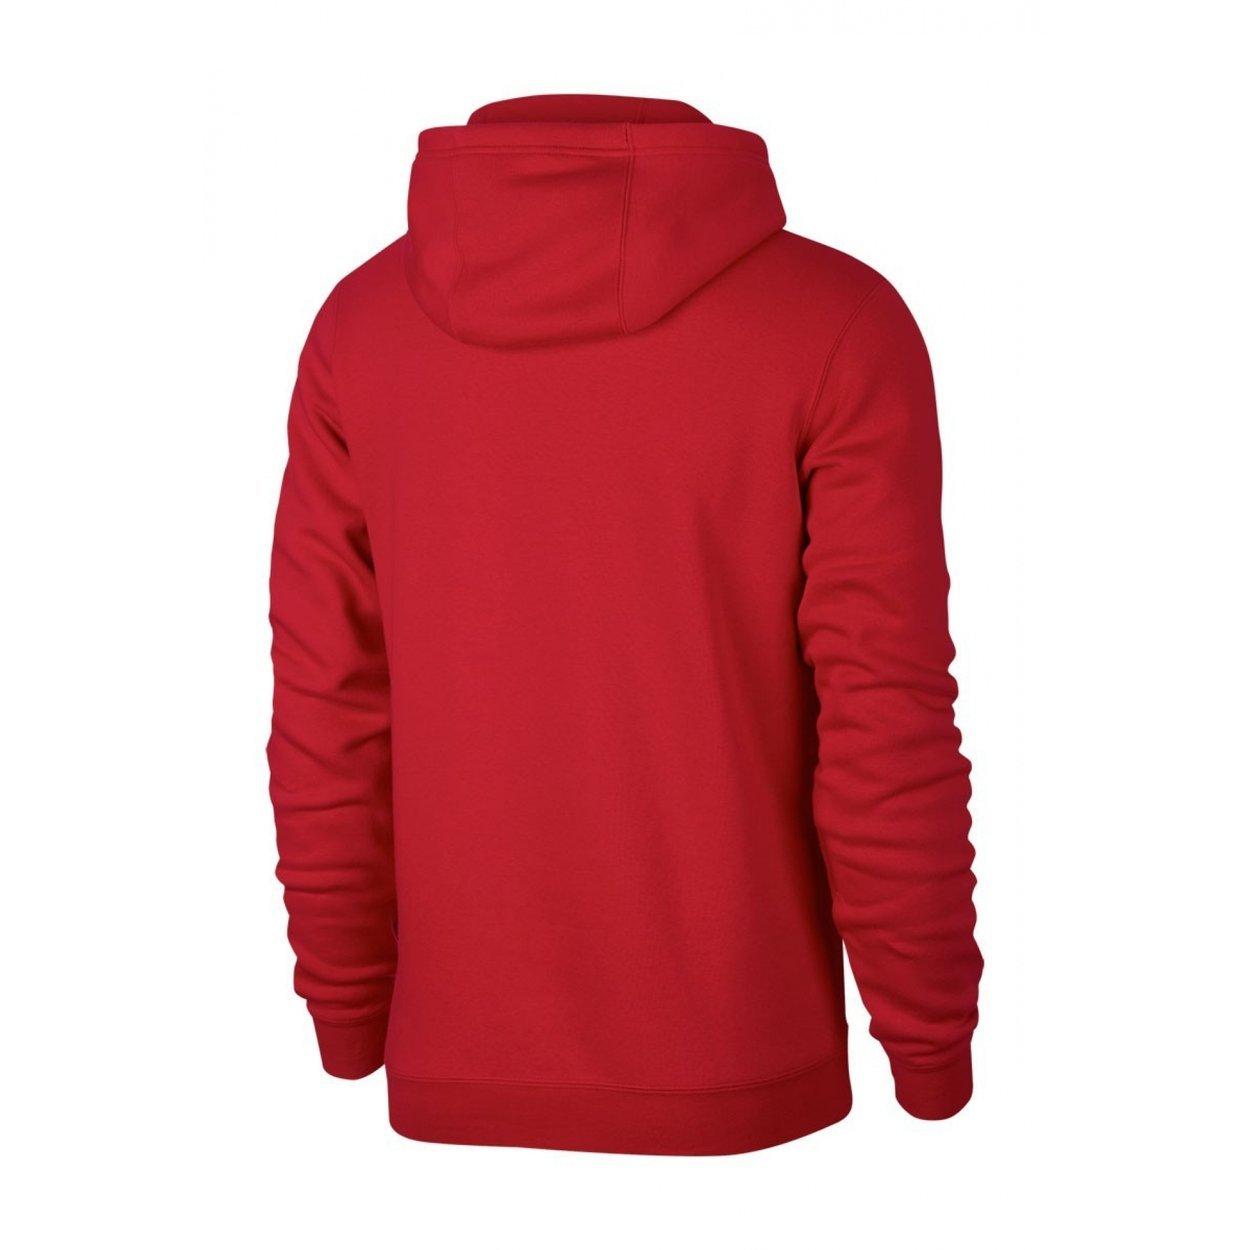 Bluza Nike Polska Hoodie Core 891719 608 czerwono biała